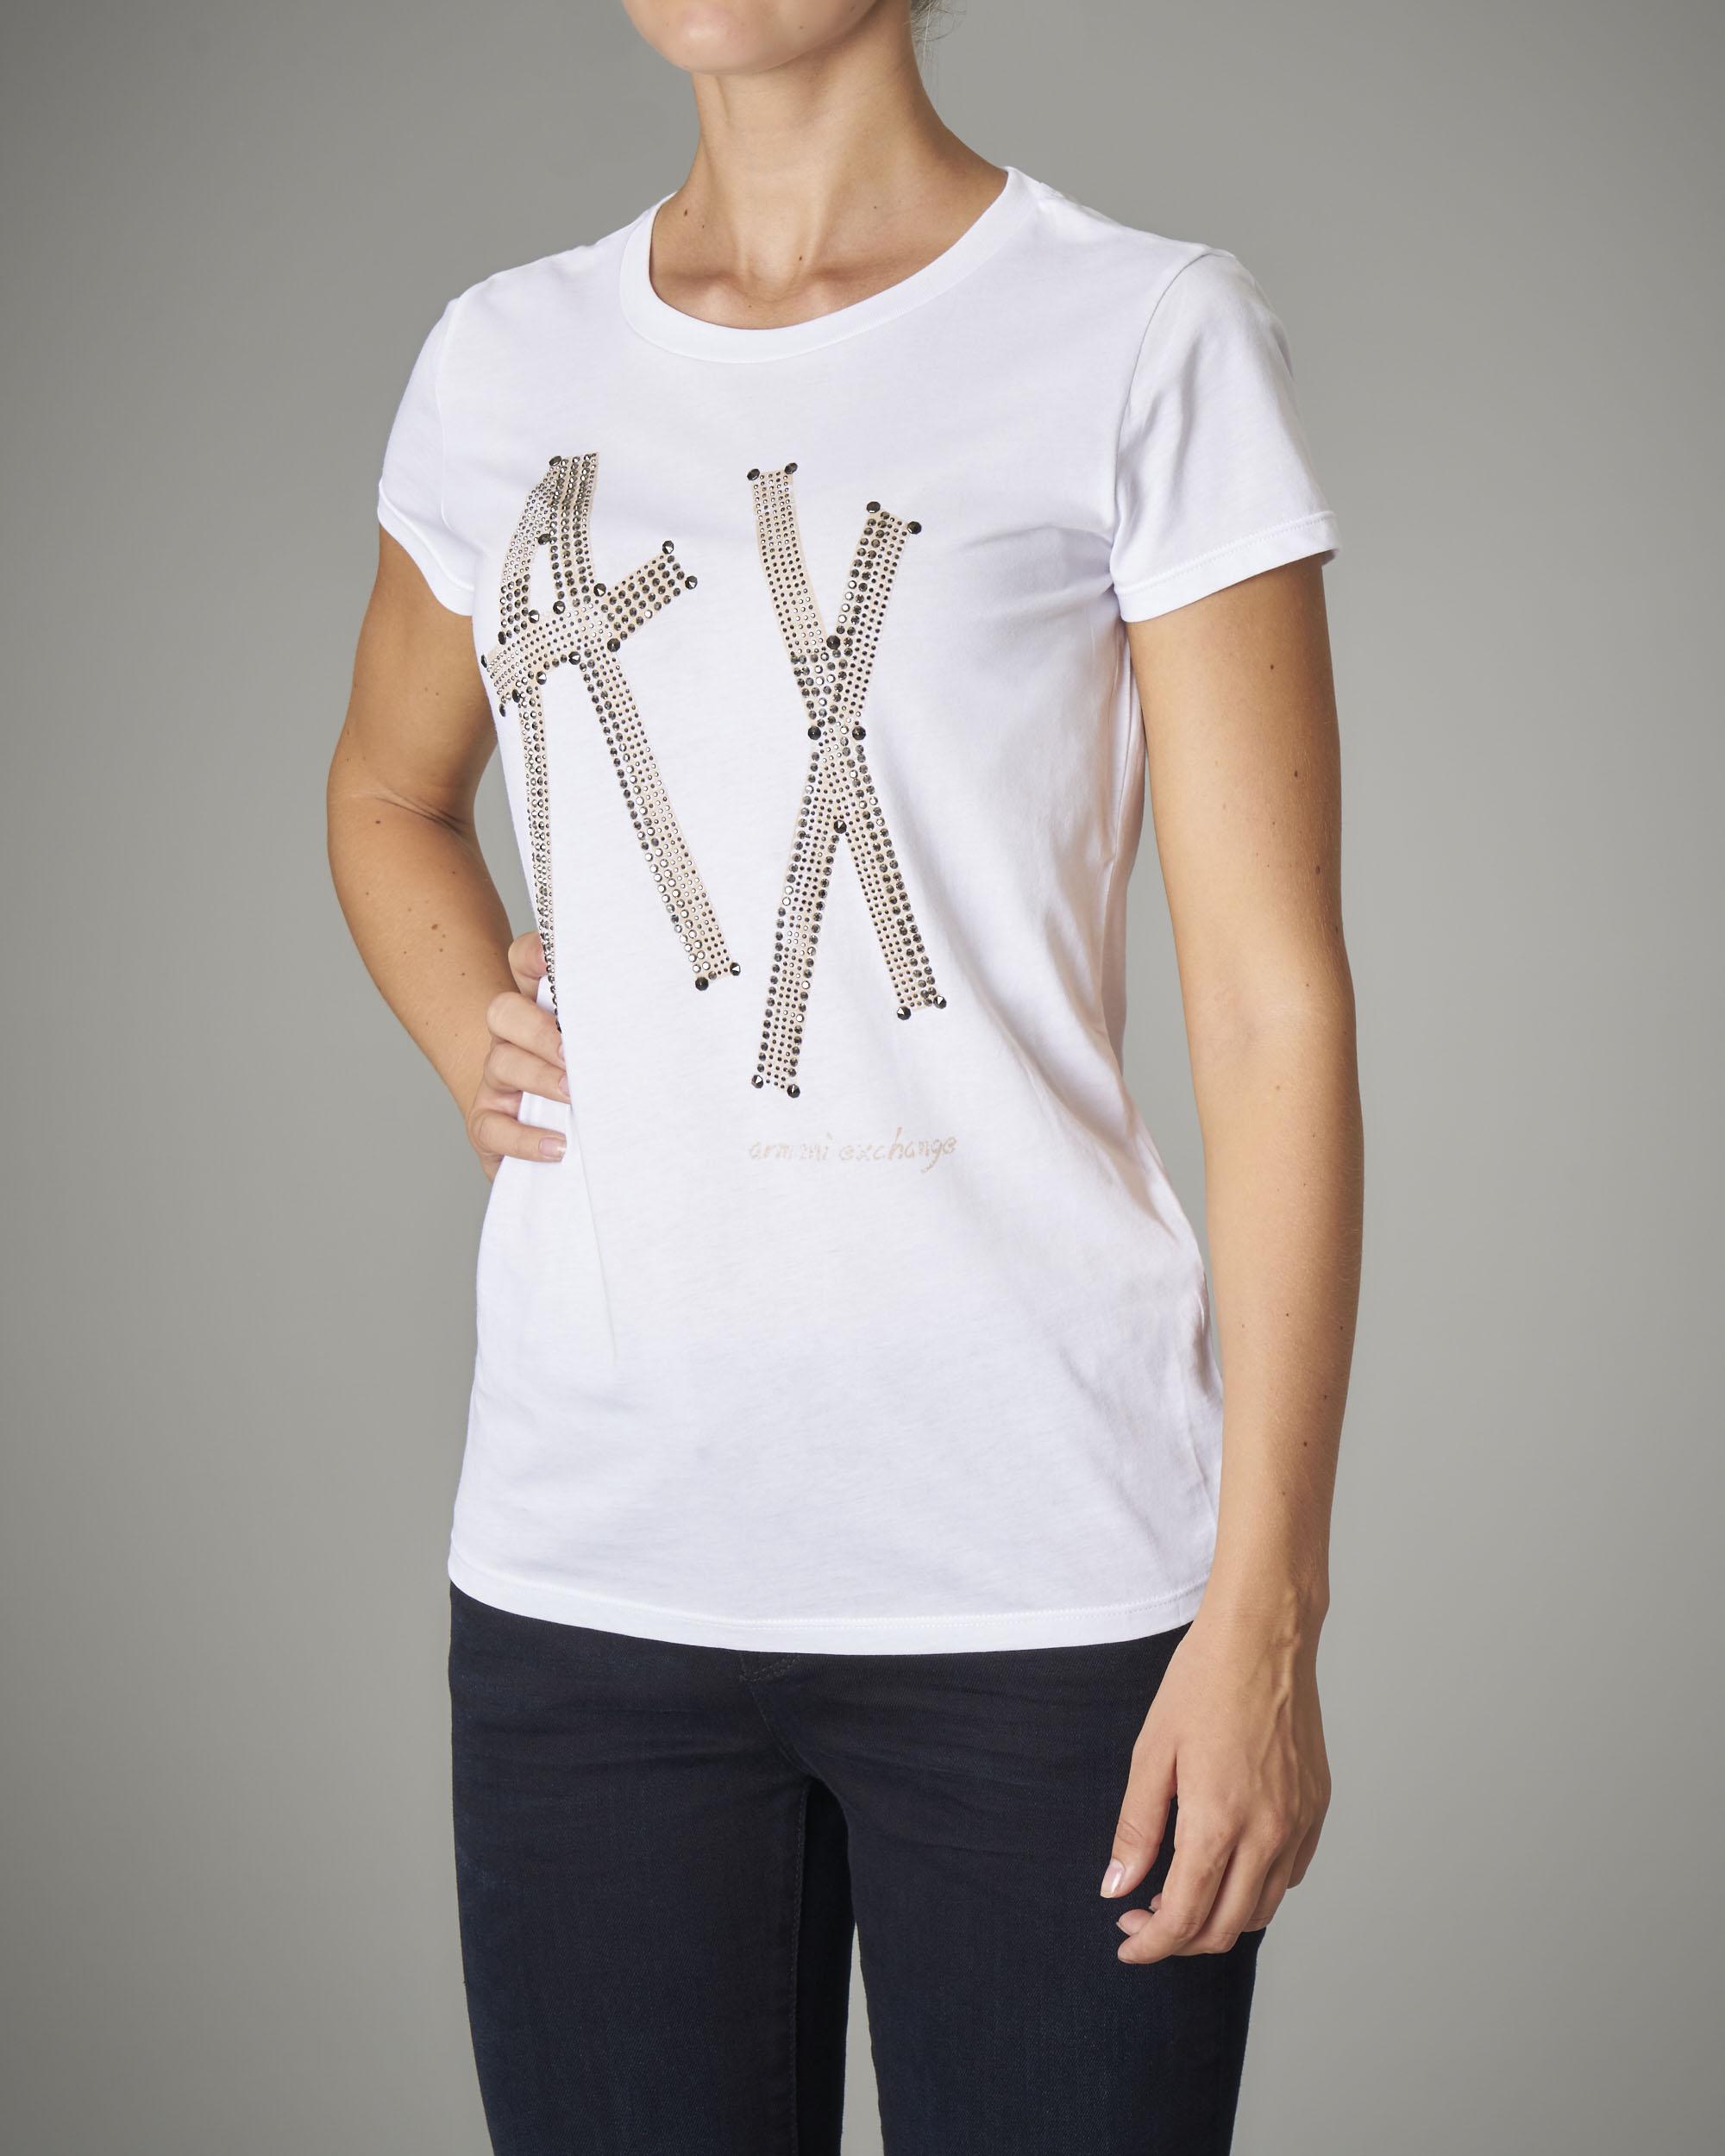 T-shirt bianca in cotone manica corta con logo